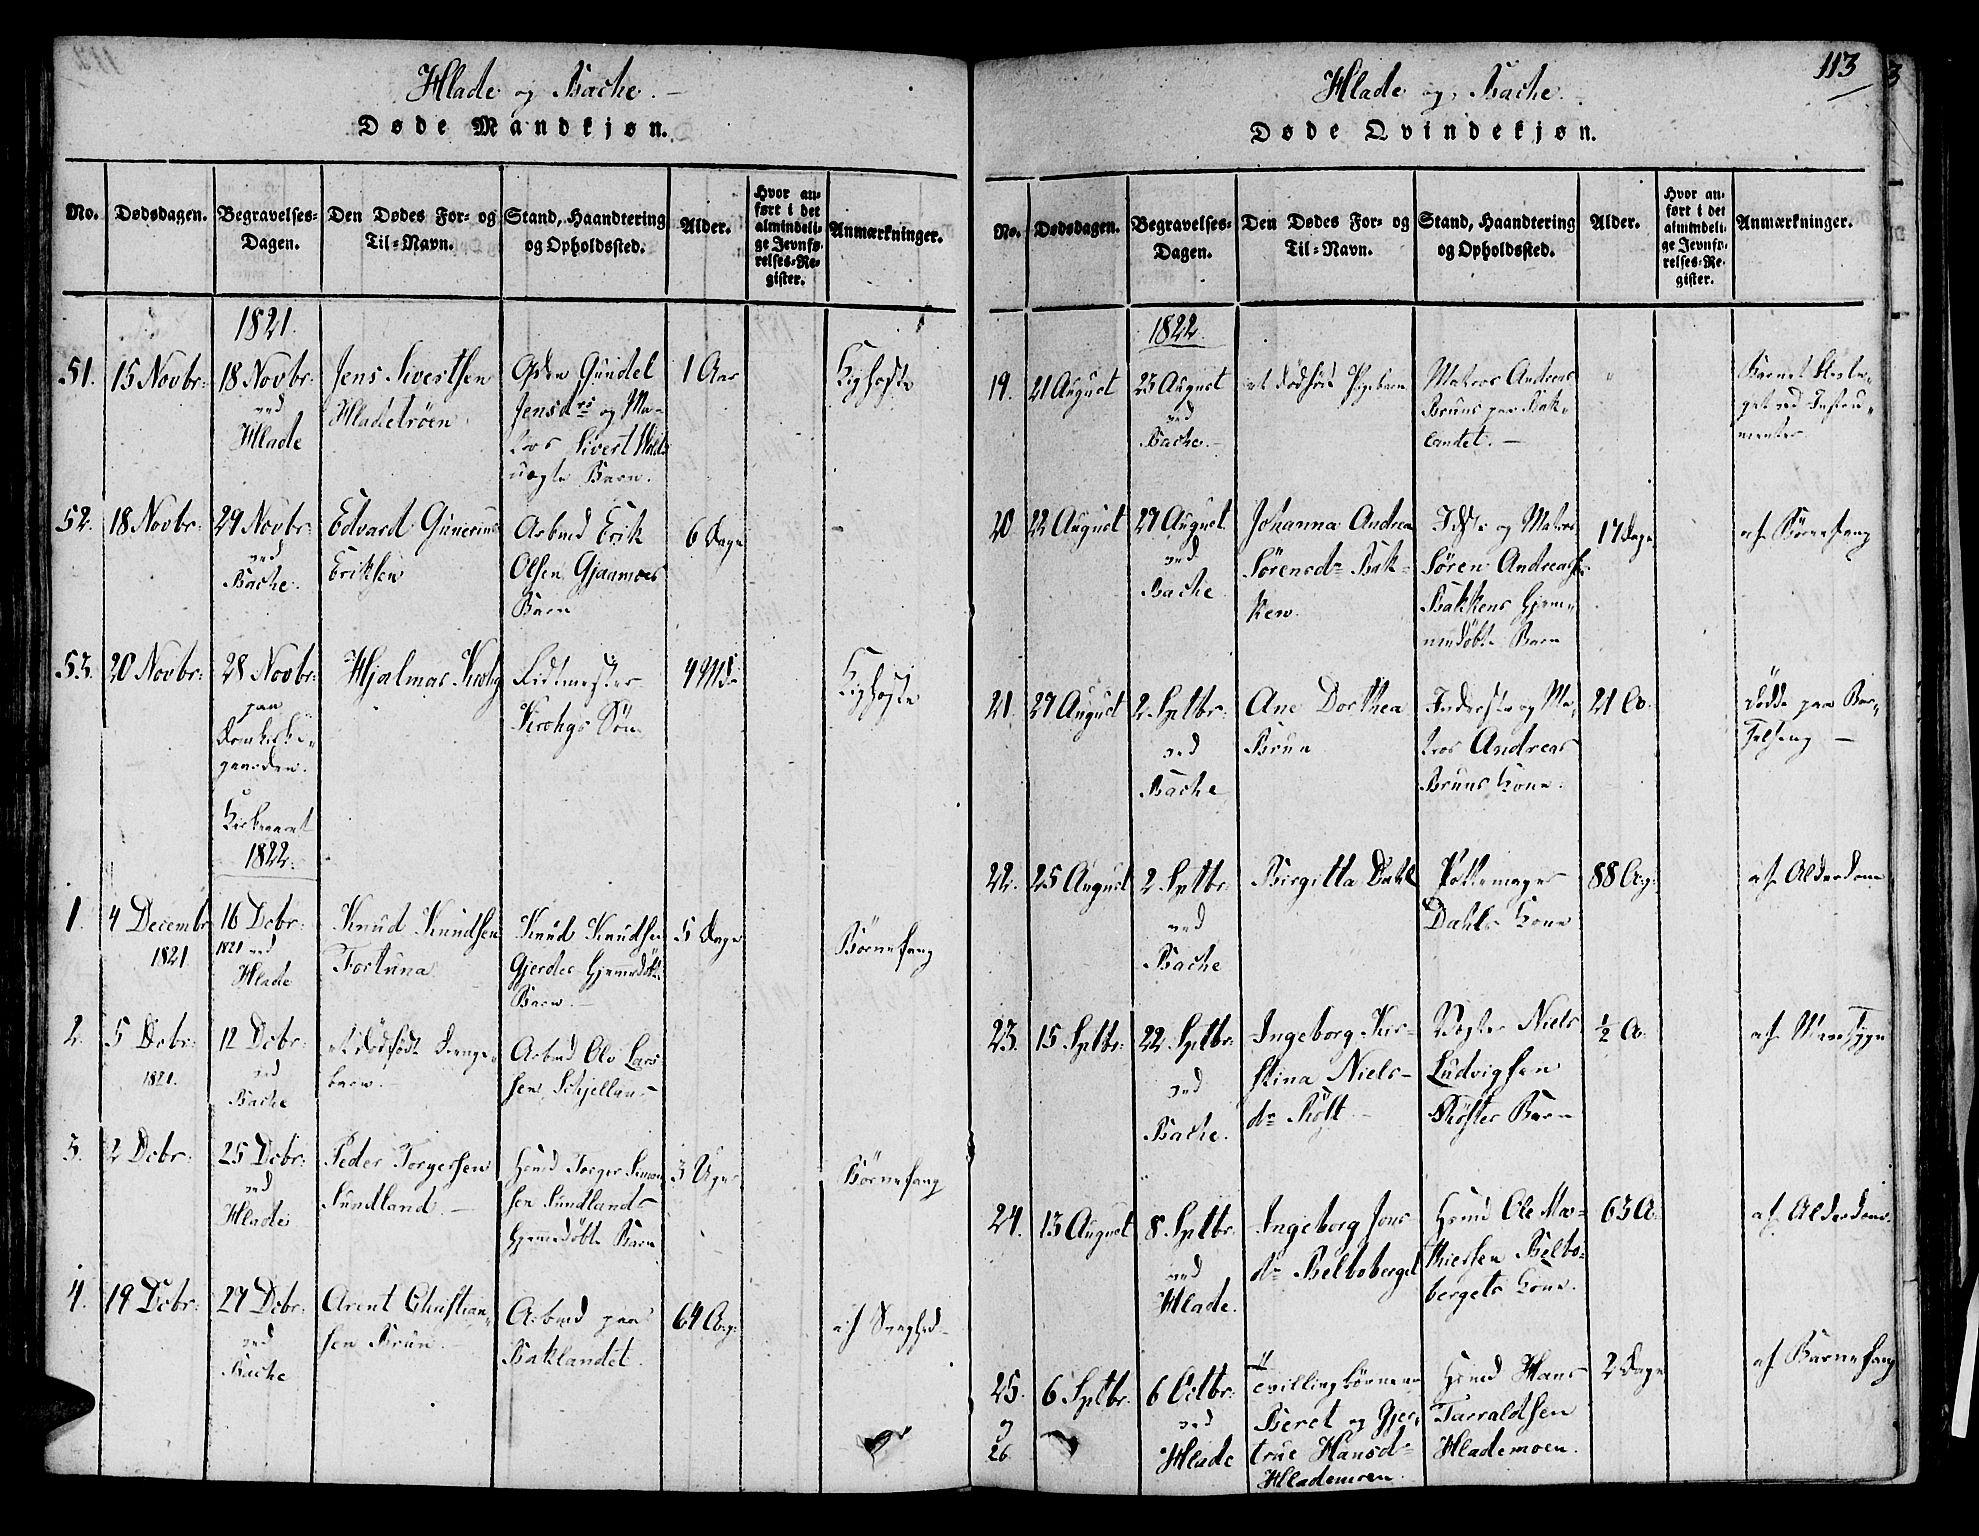 SAT, Ministerialprotokoller, klokkerbøker og fødselsregistre - Sør-Trøndelag, 606/L0283: Ministerialbok nr. 606A03 /1, 1818-1823, s. 113